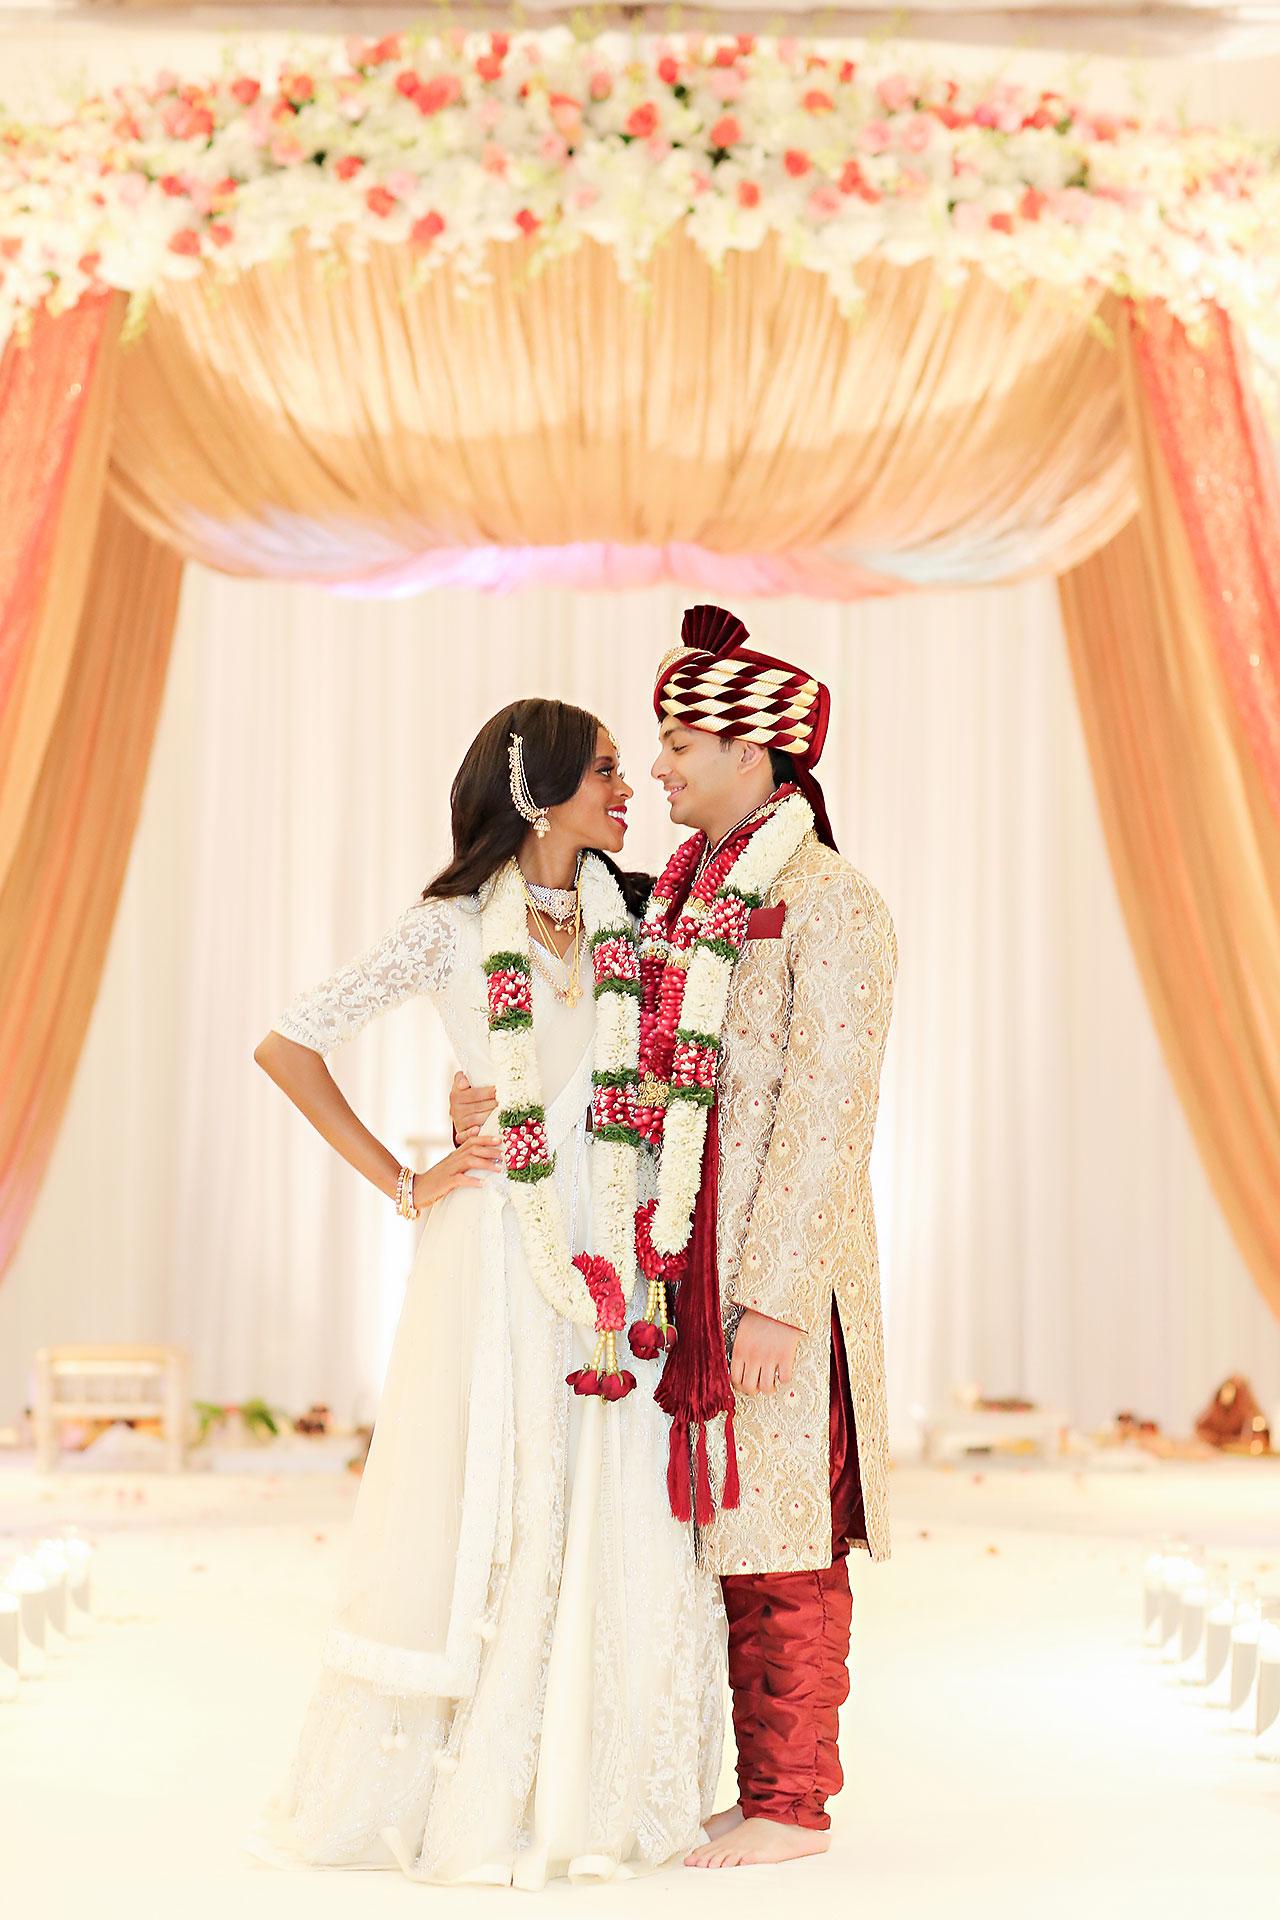 Joie Nikhil JW Marriott Indian Wedding 325